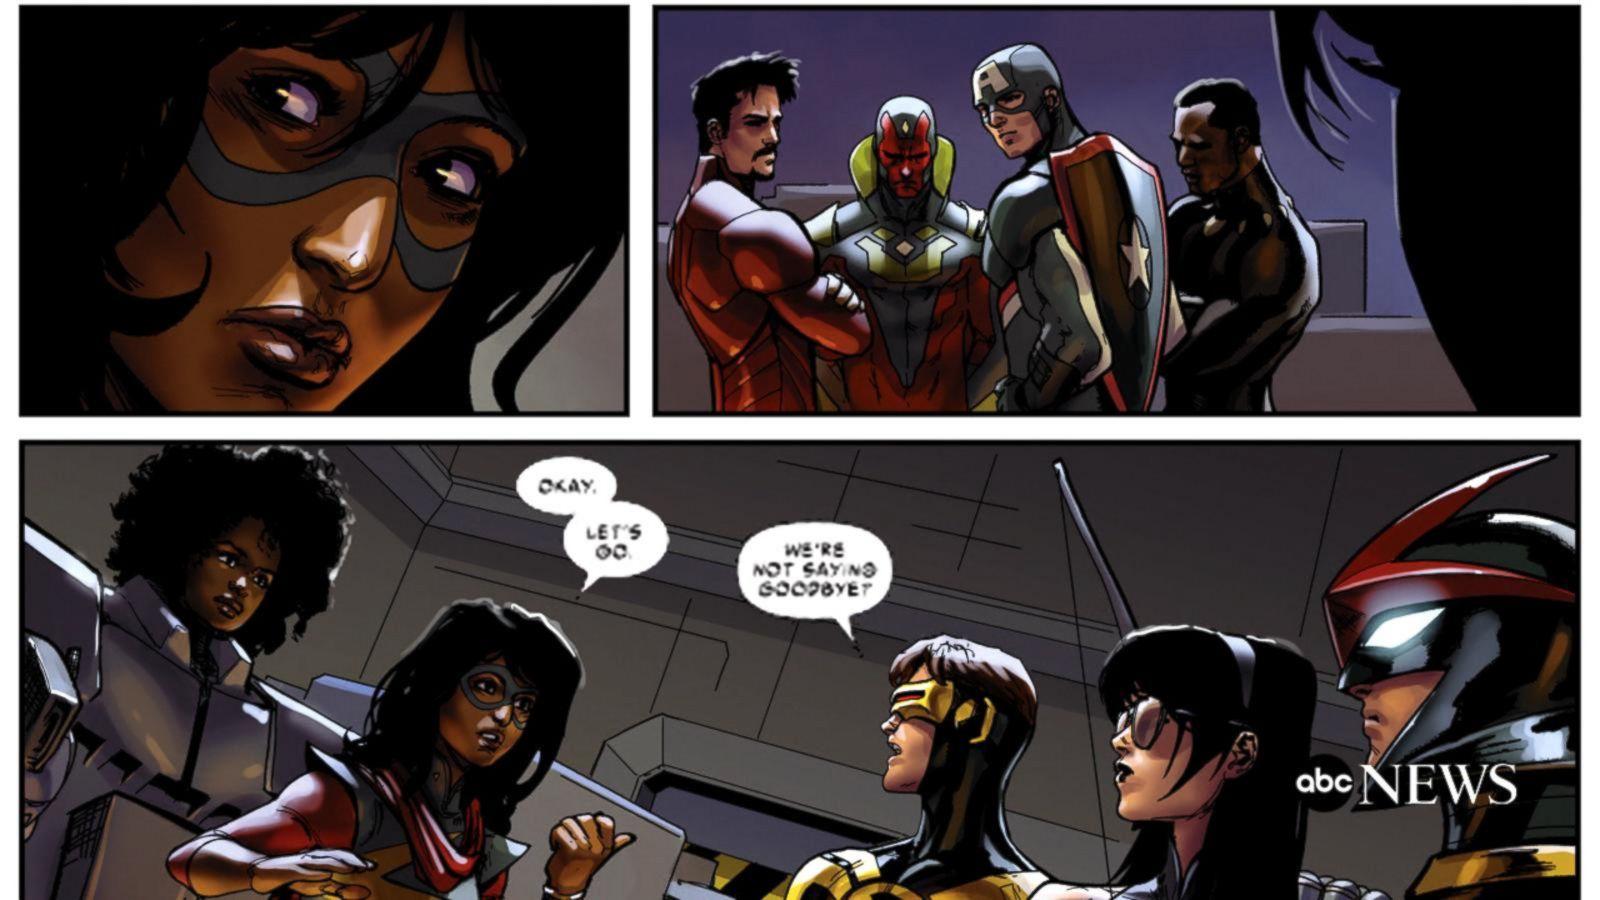 VIDEO: A Clash Between Superheroes Looms in Marvel's Civil War II